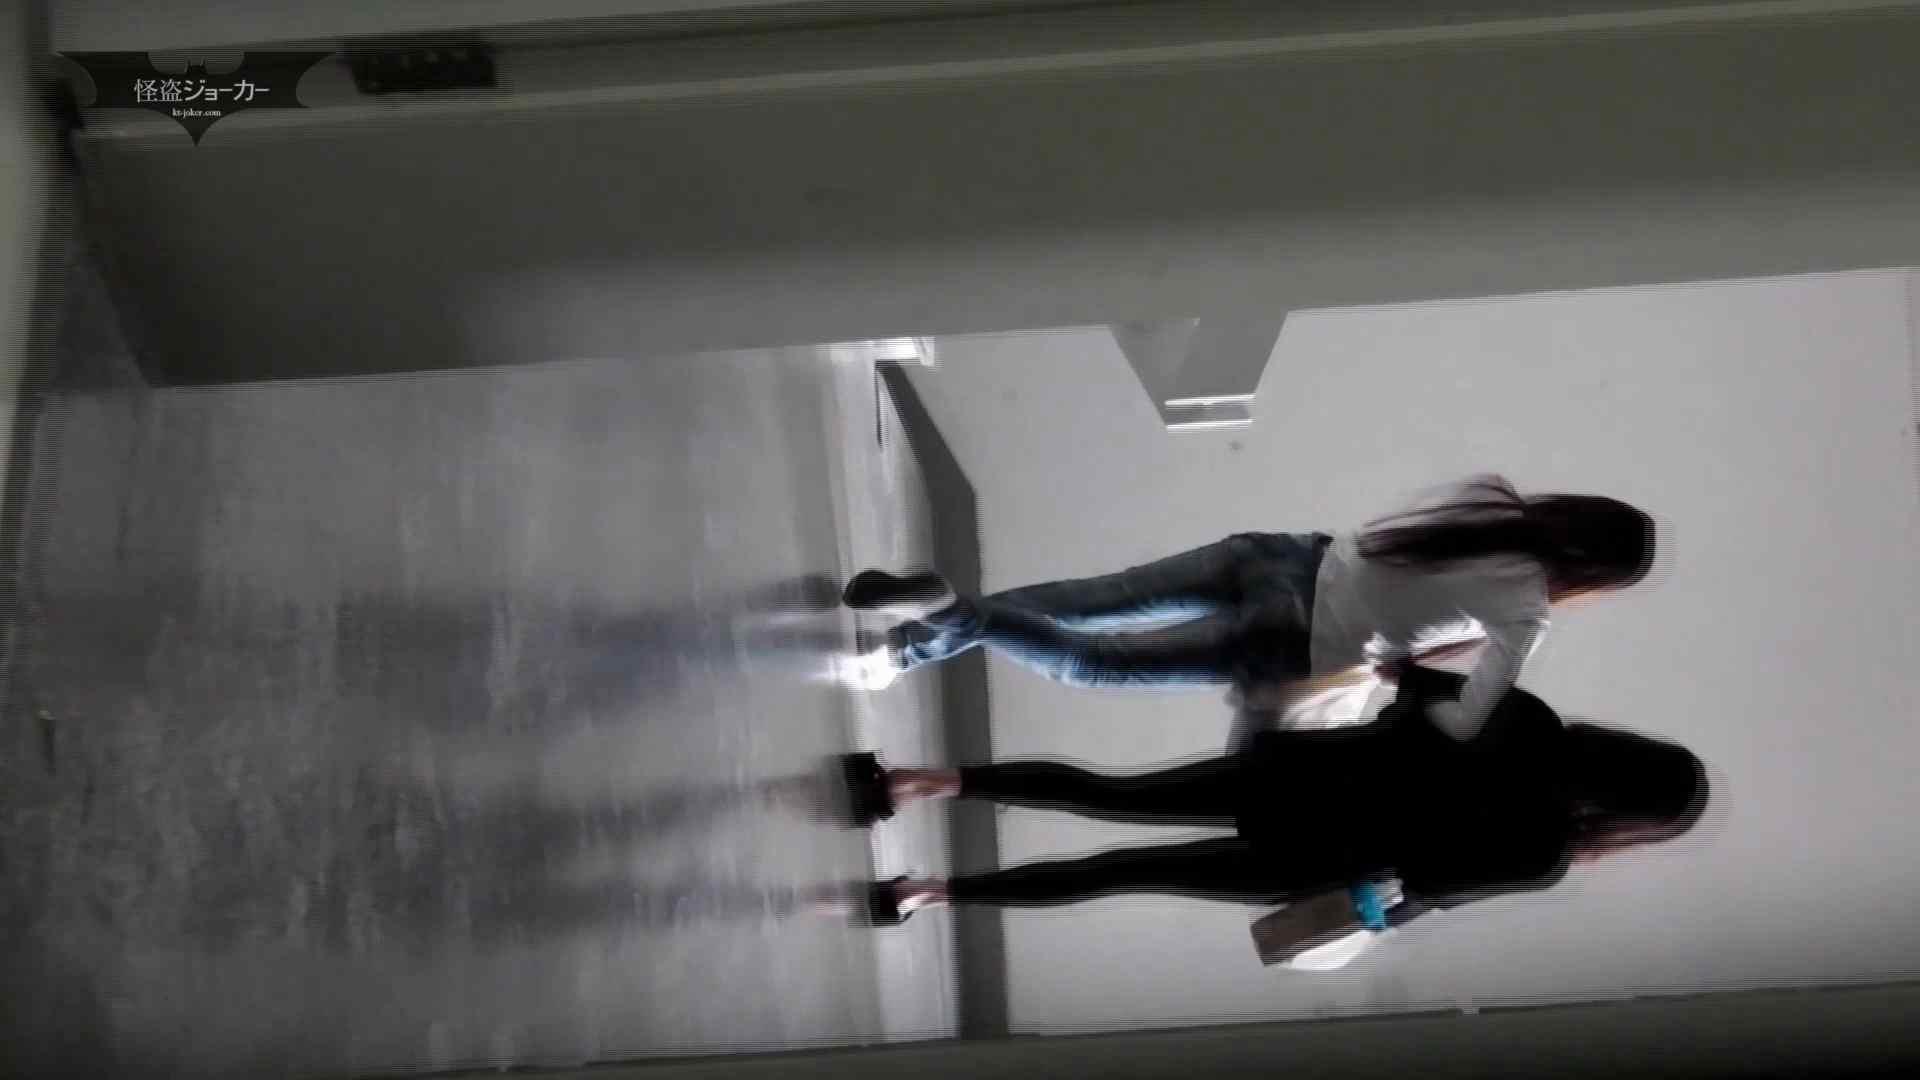 潜入!!台湾名門女学院 Vol.11 三尻同時狩り 盗撮 隠し撮りオマンコ動画紹介 87pic 23